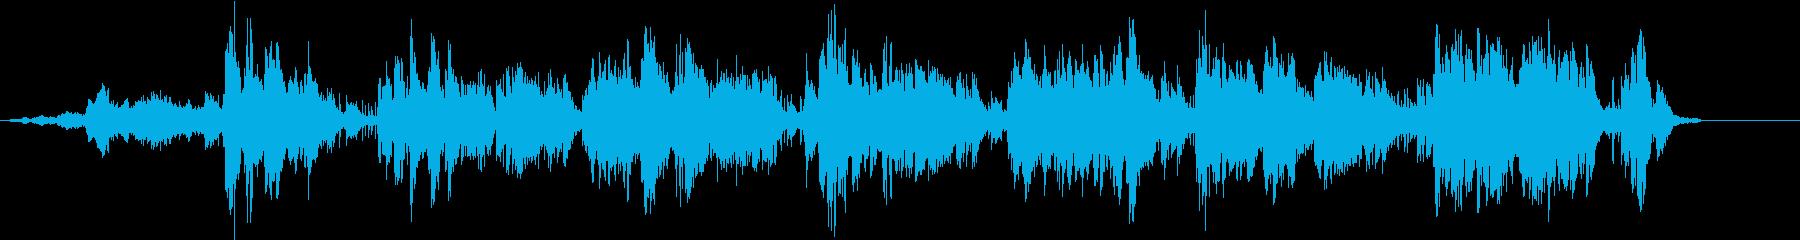 モード系ハープバラードの再生済みの波形